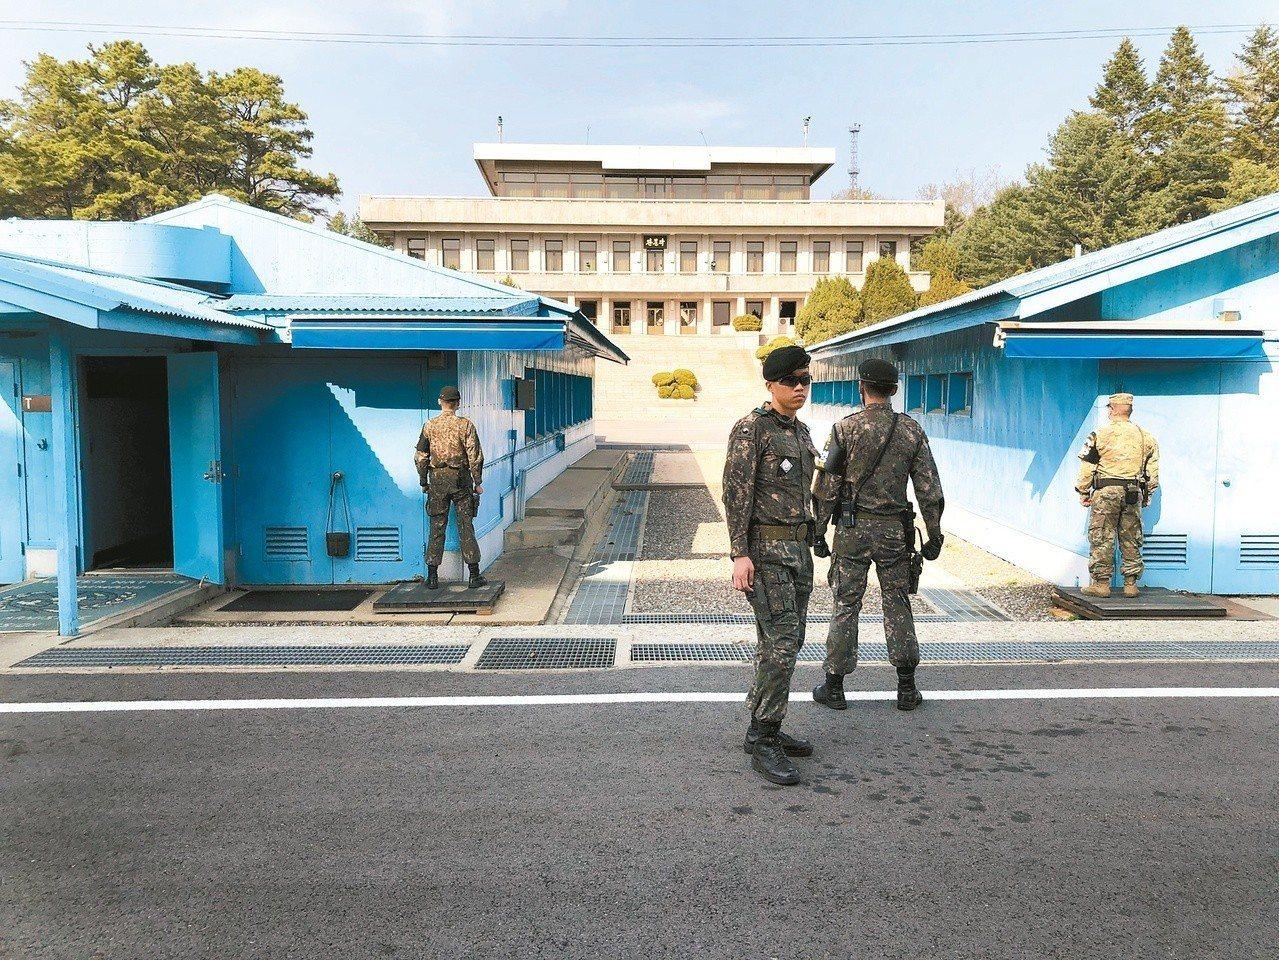 南韓國防部表示今起兩韓停止敵對行動。路透